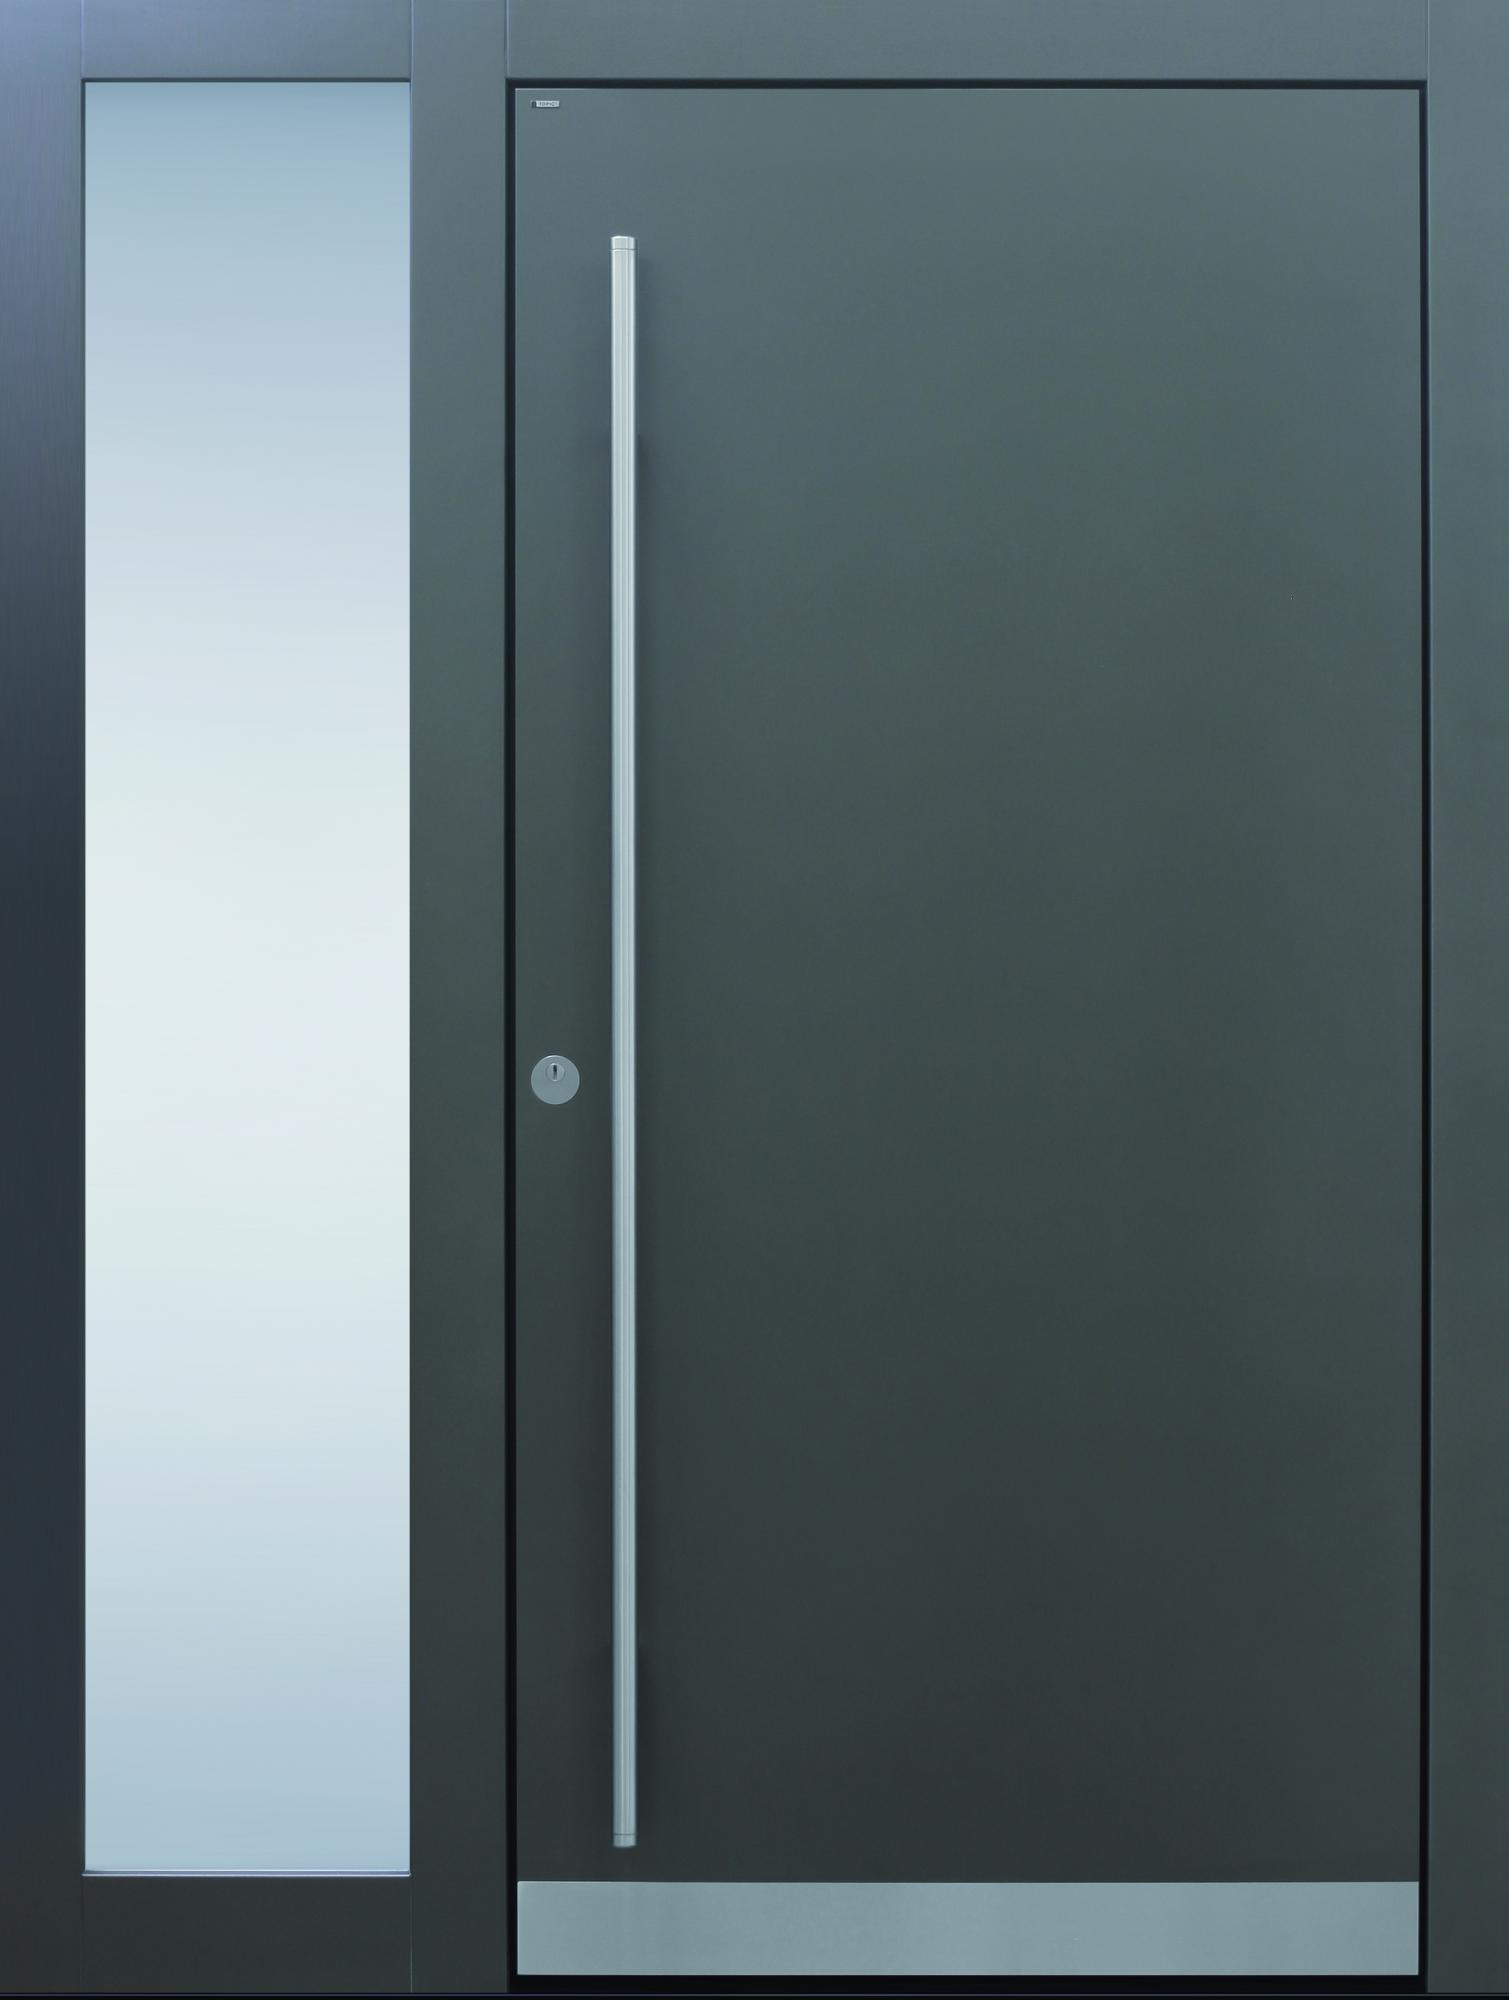 Haustüren modern glas  TOPIC - Haustüren von Meisterhand TOPIC - die Türenmanufaktur